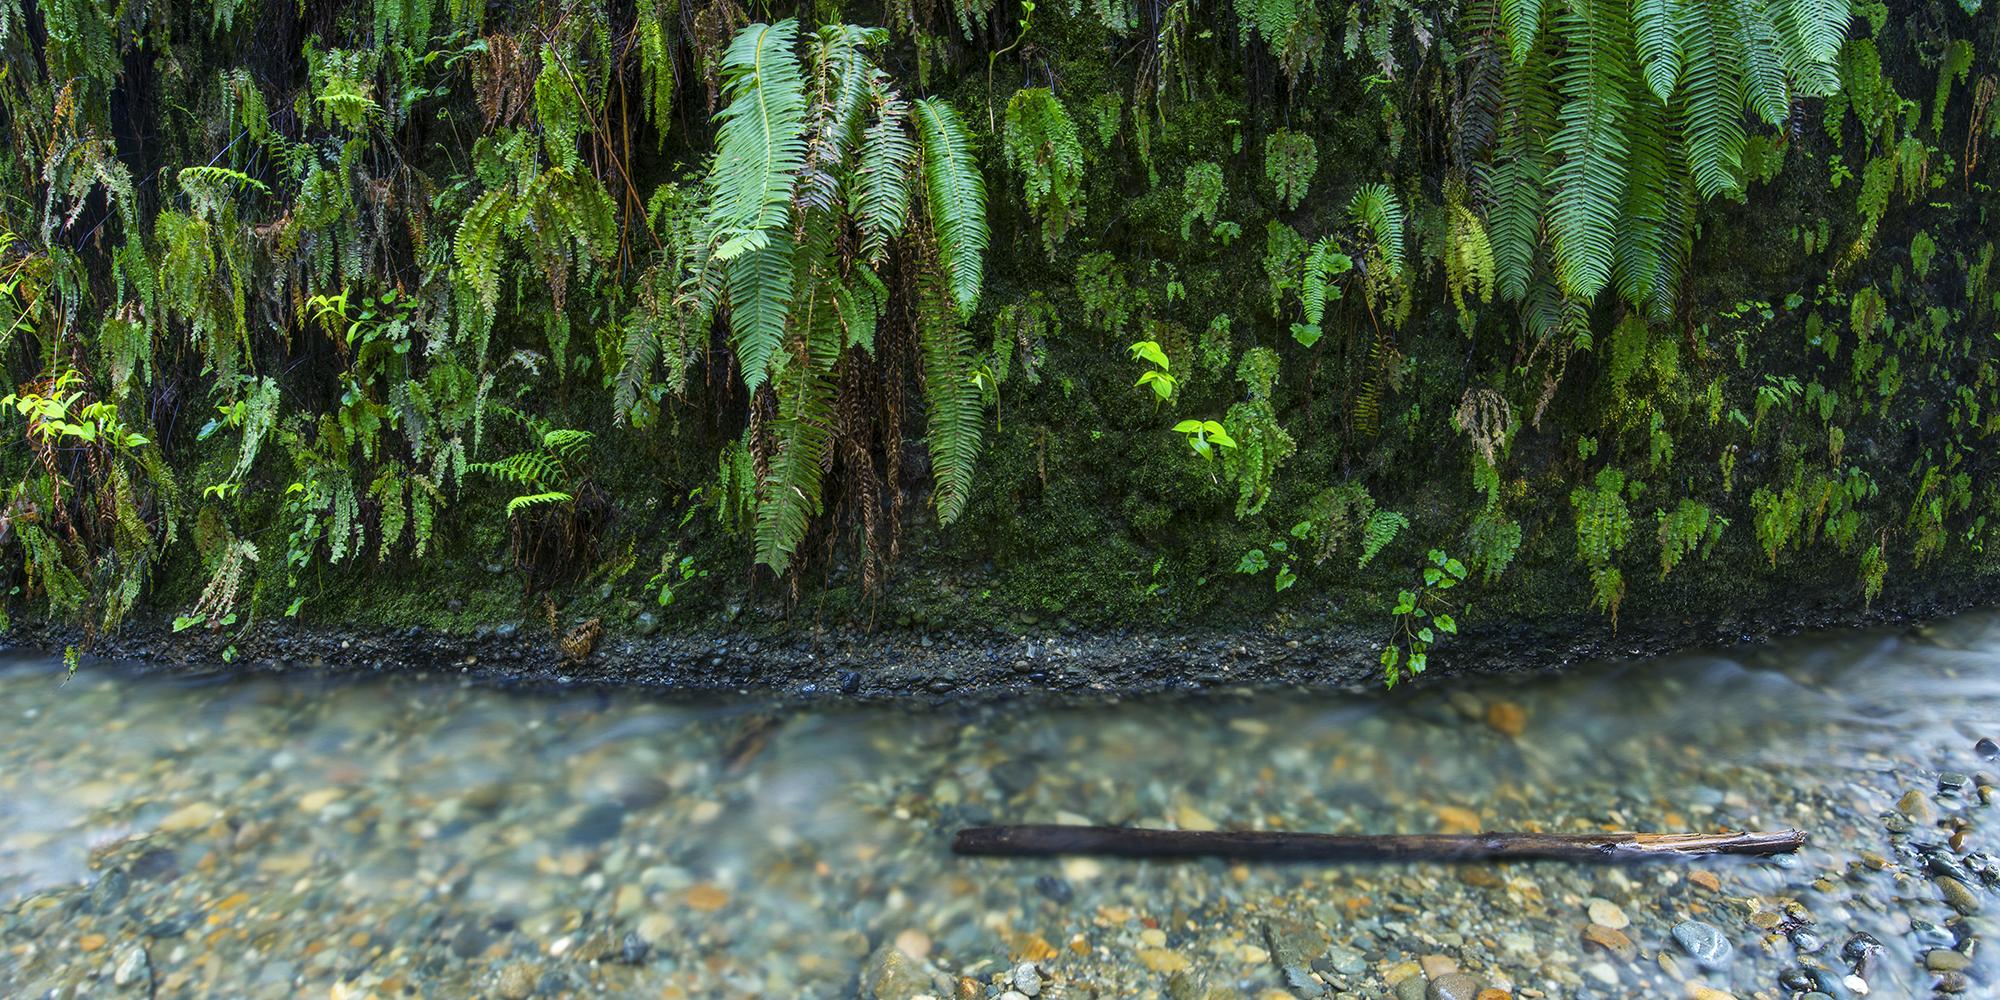 fern canyon river pano